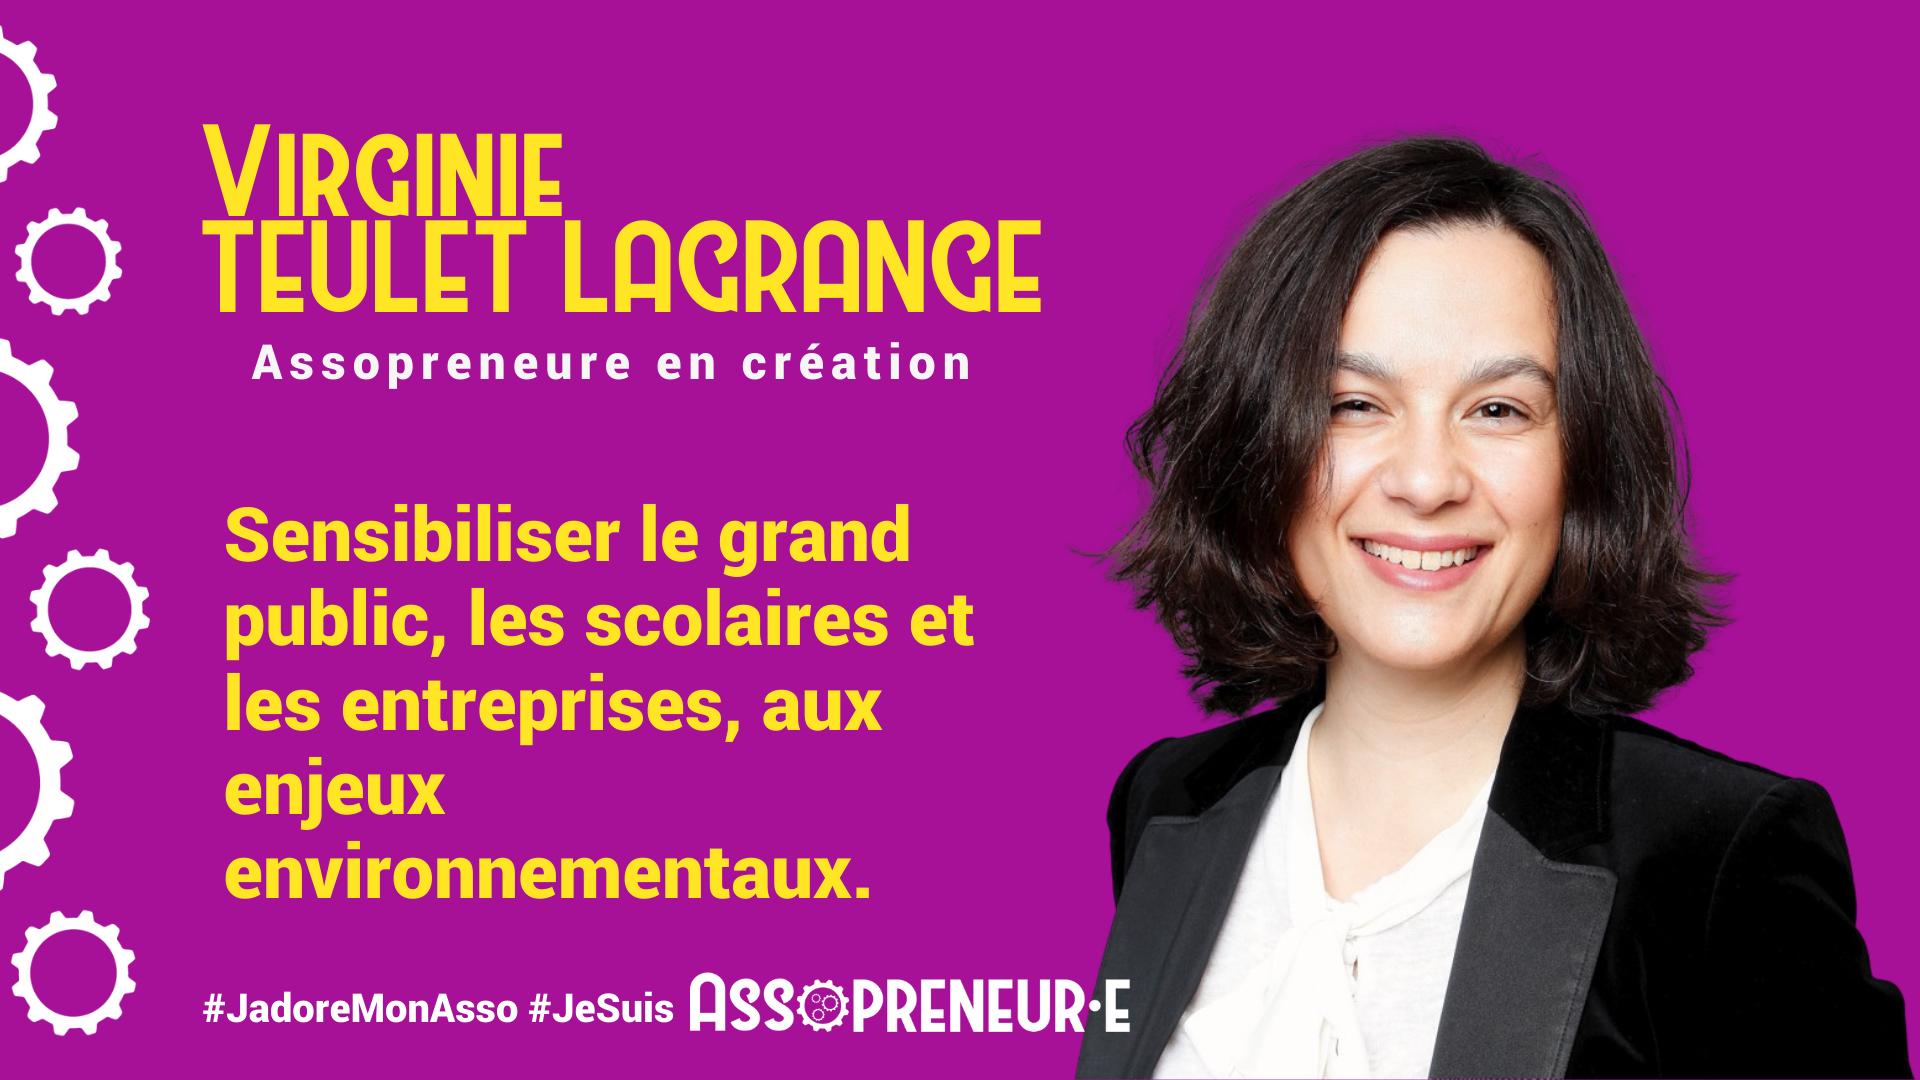 Virginie TEULET LAGRANGE membre programme Assopreneur